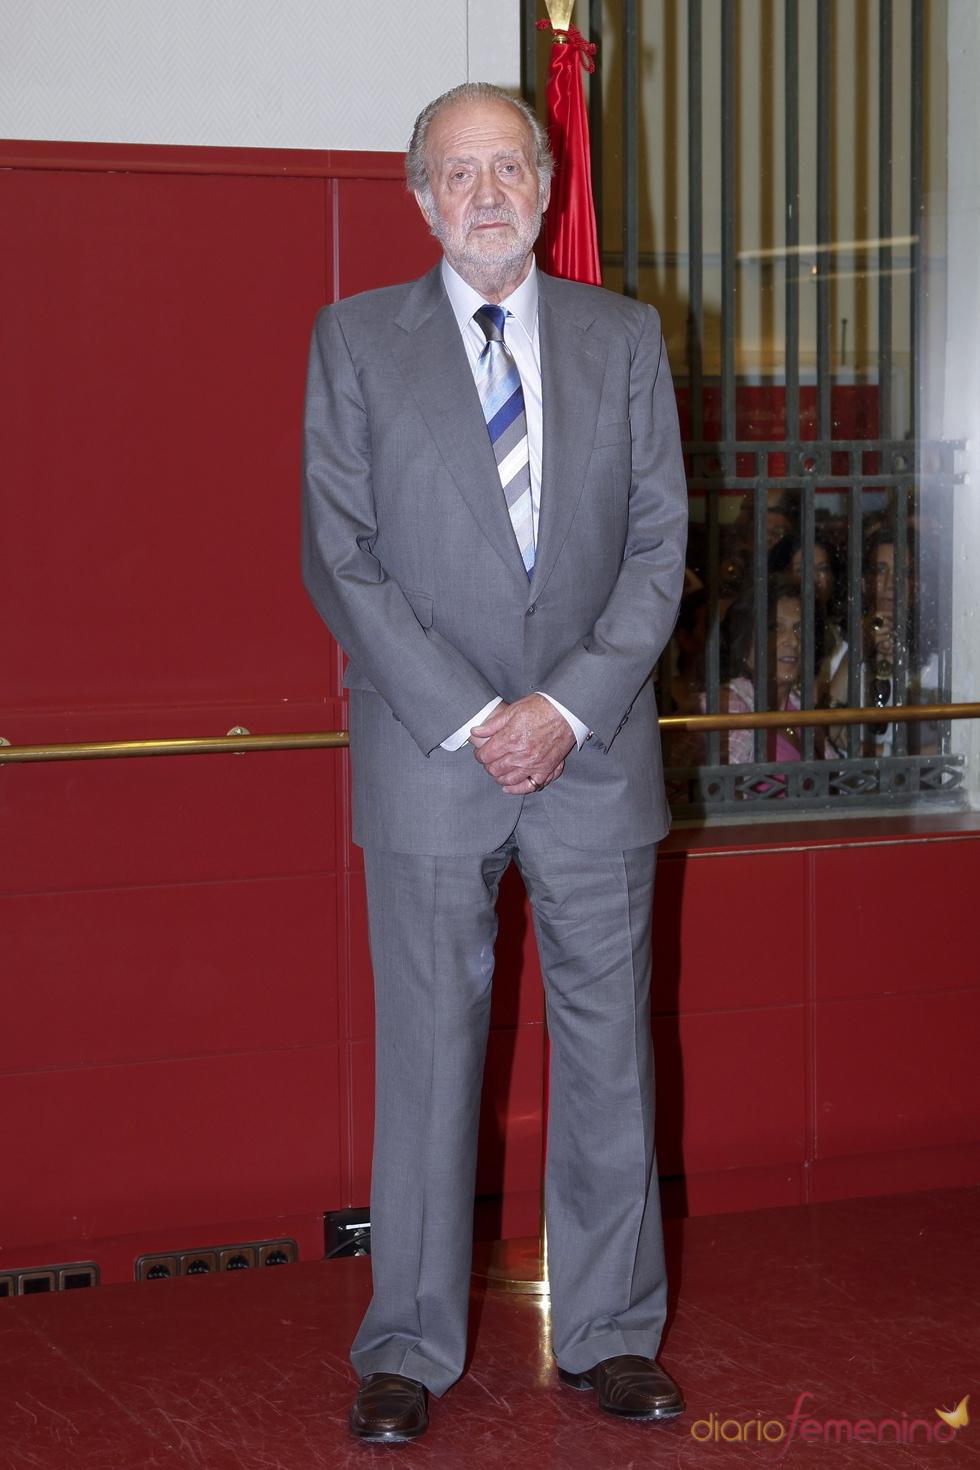 El Rey Juan Carlos será operado de la rodilla derecha